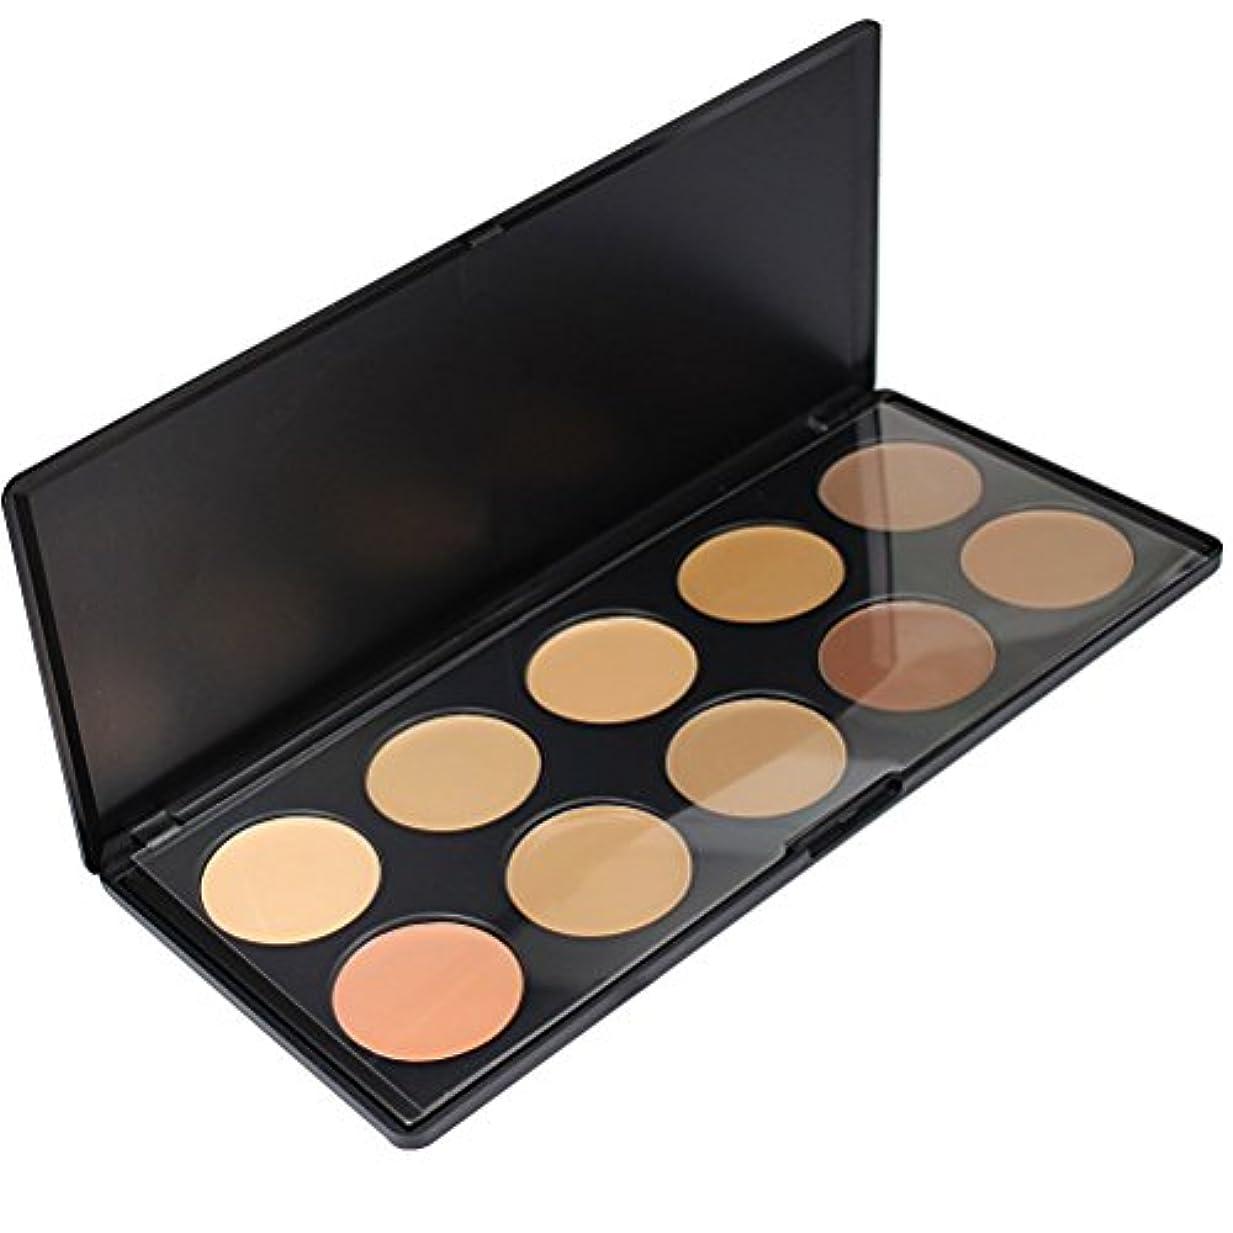 バイアスダイエット突き出すメイクアップエーシーシー (MakeupAcc) 10色コンシーラーパレット アイシャドウパレット メイクアップセット [並行輸入品]